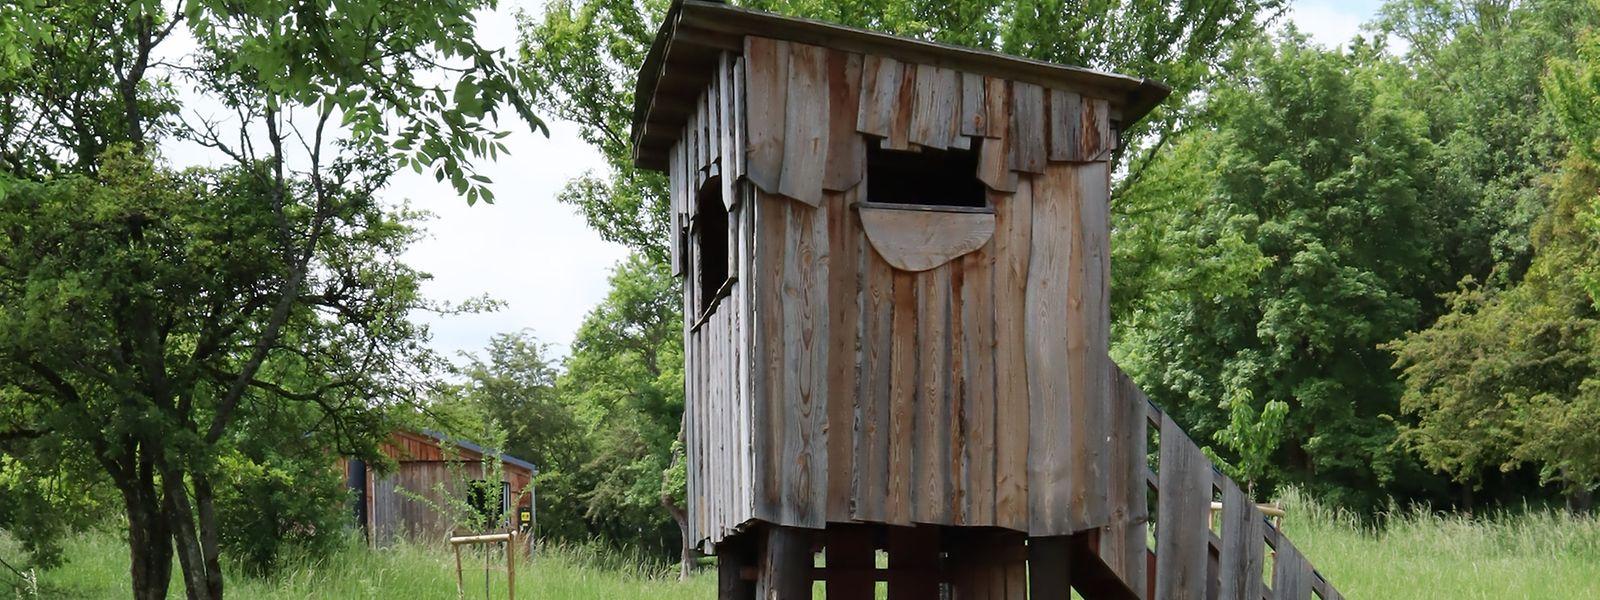 Der kleine Kinderturm wird teilweise als Toilette missbraucht.